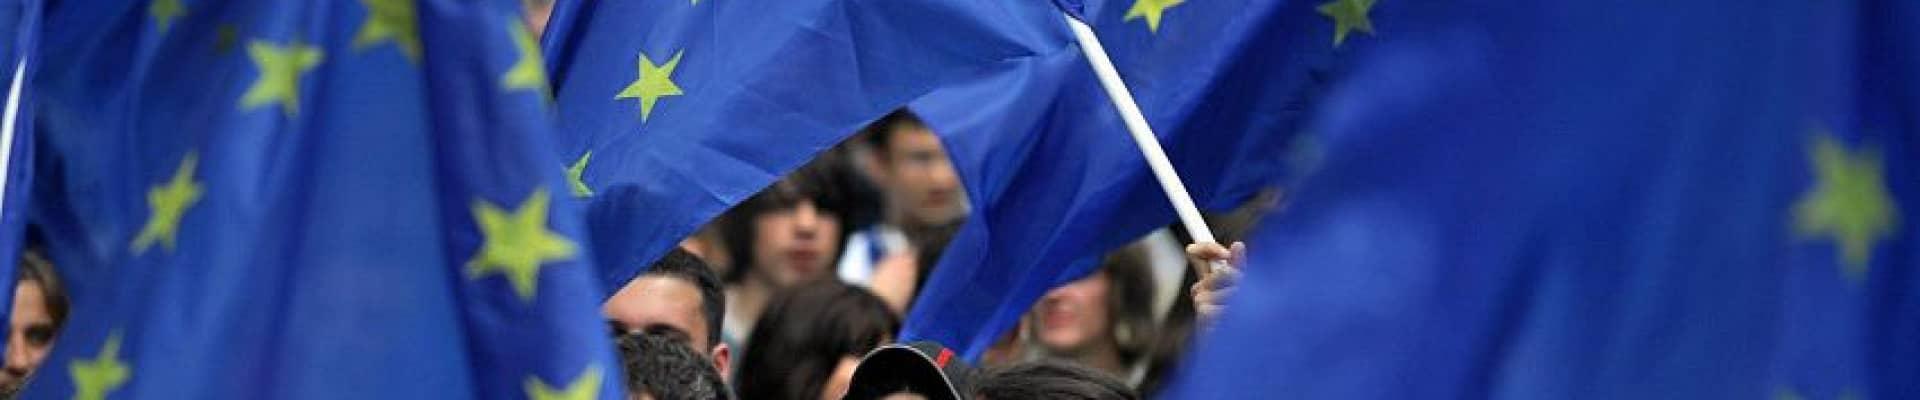 Входит ли болгария в ес и в шенгенскую зону в 2021 году